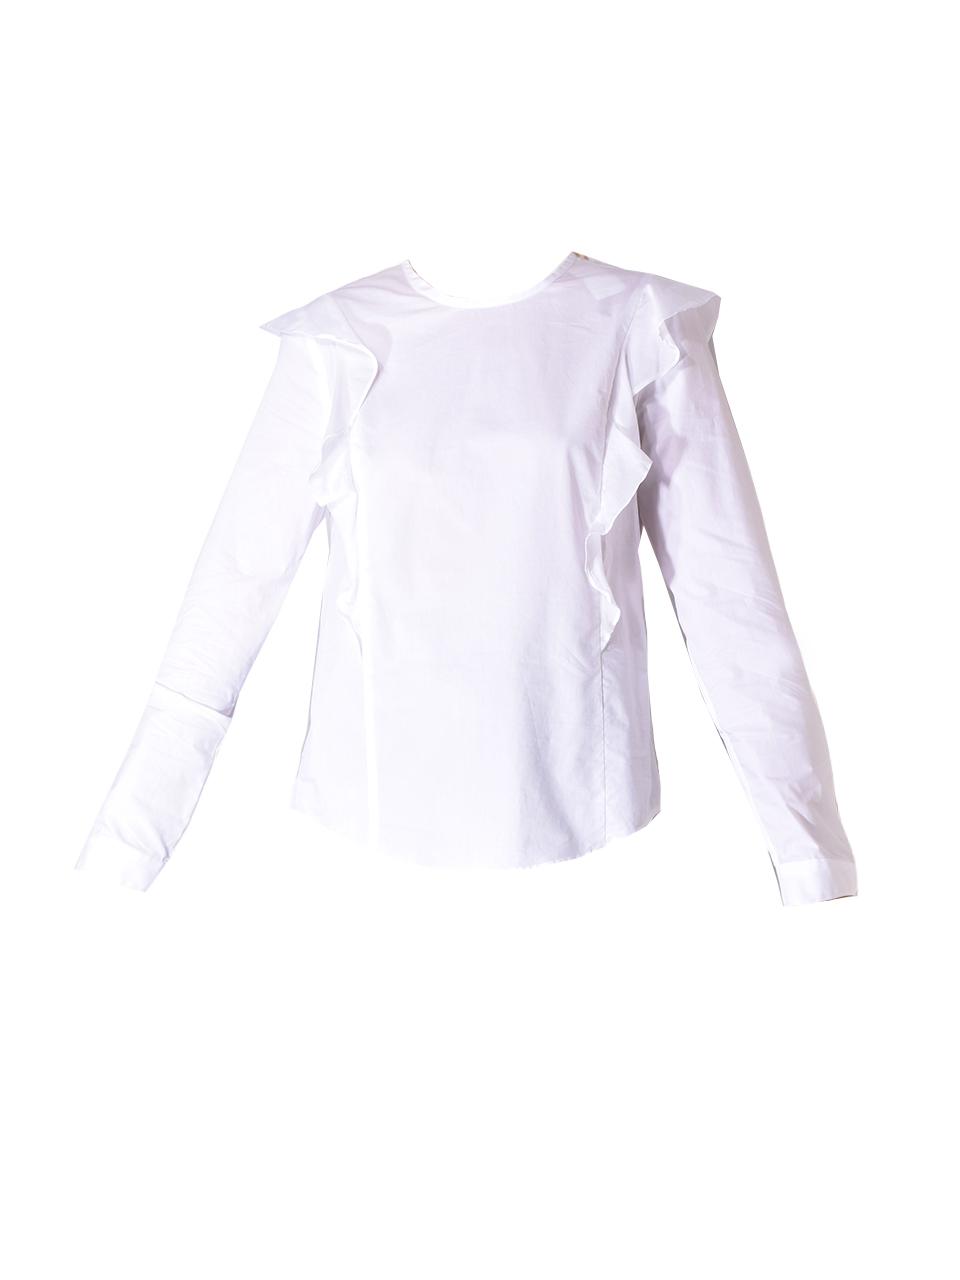 BLDWN Pia Ruffle Top In Optic White